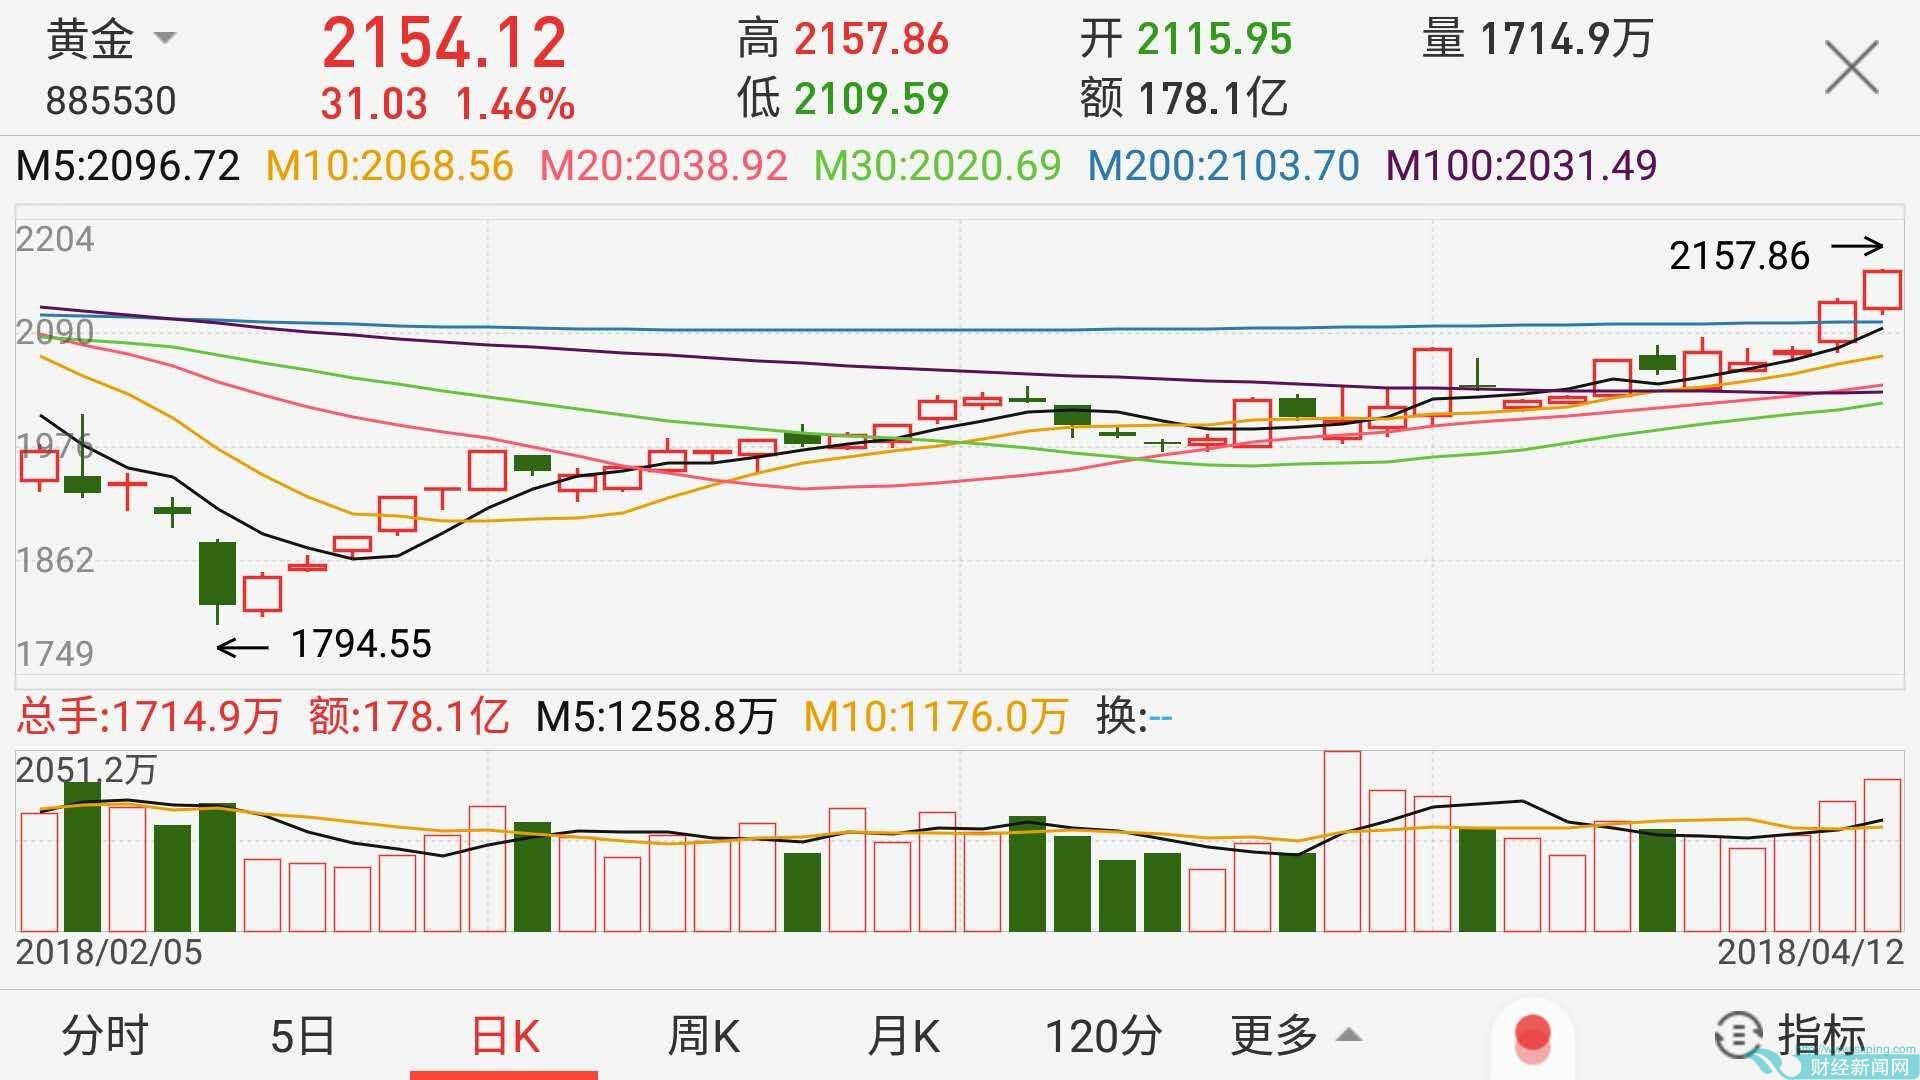 全球股市同时微跌 热钱再炒海南板块